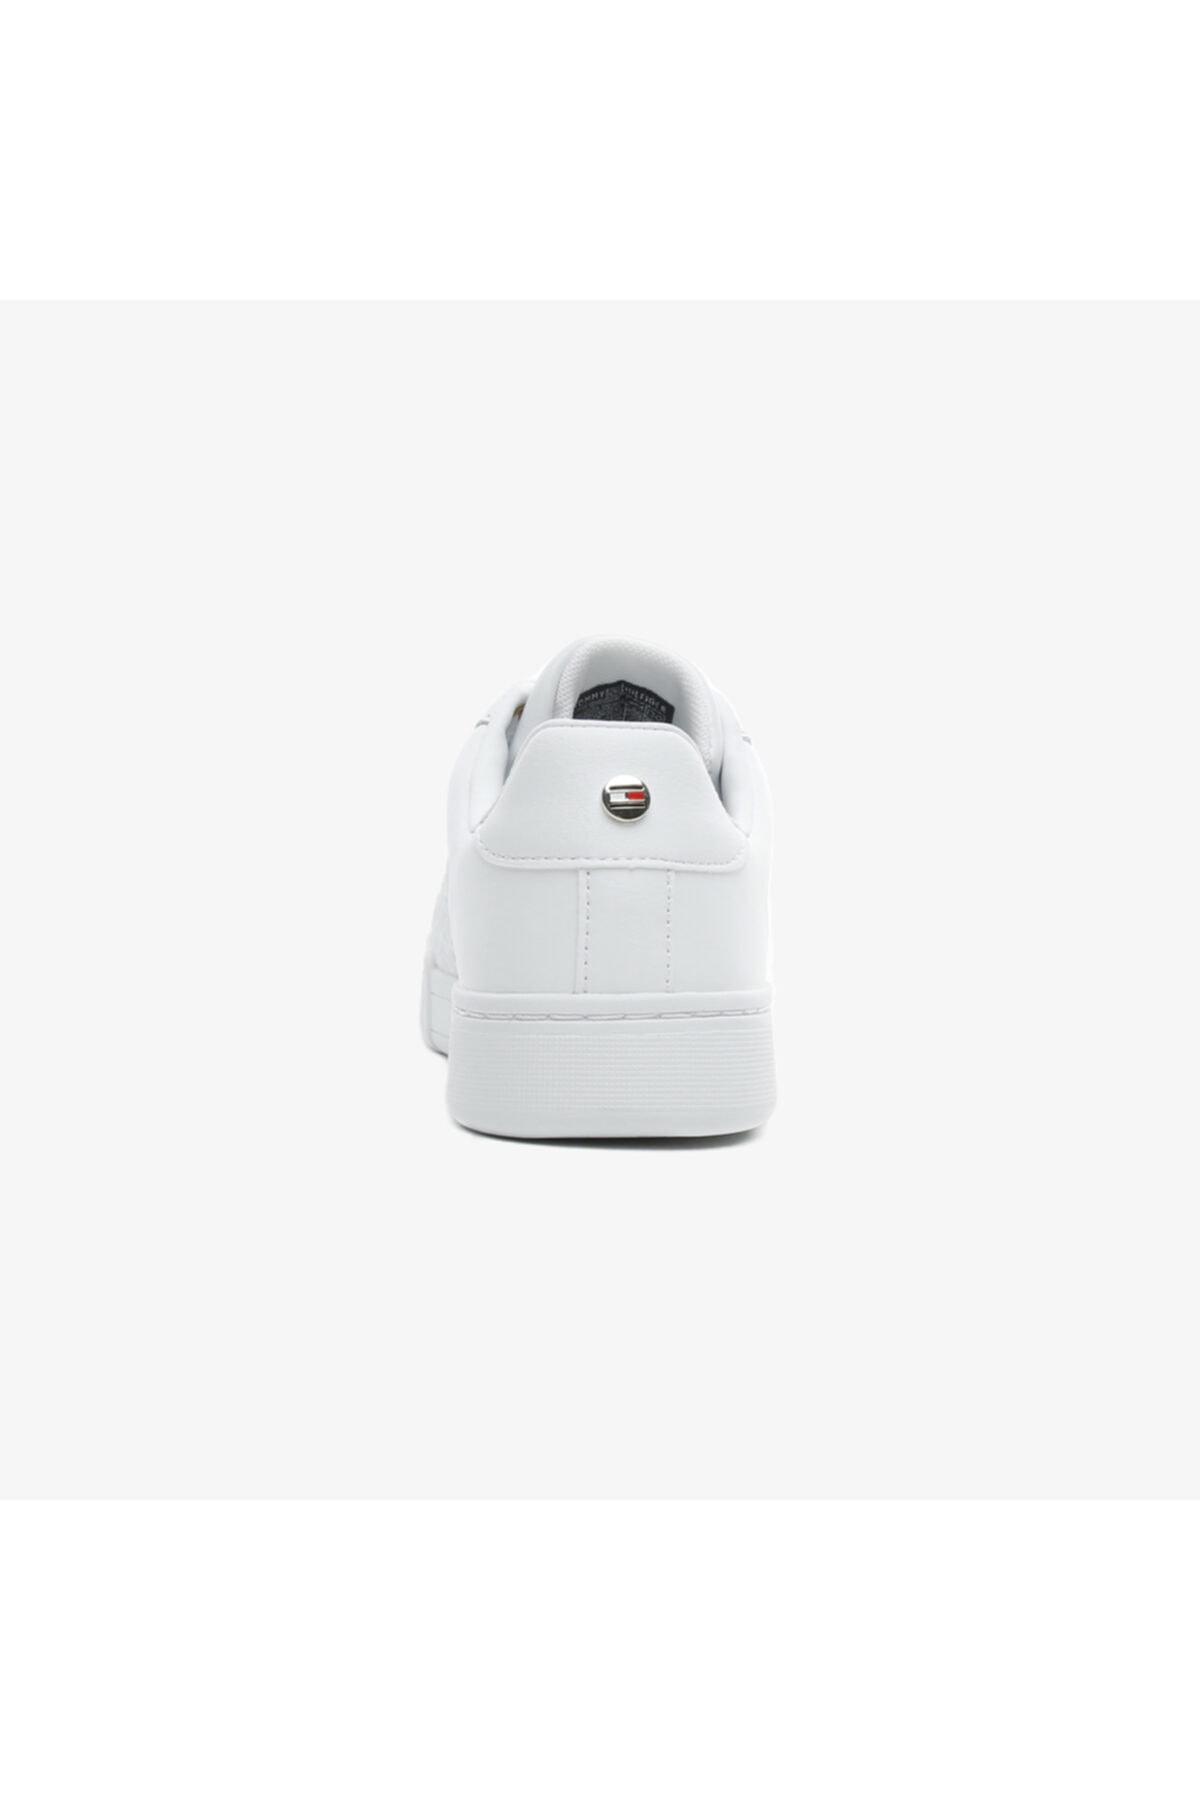 Tommy Hilfiger Kadın Beyaz Bağcıklı Spor Ayakkabı 2